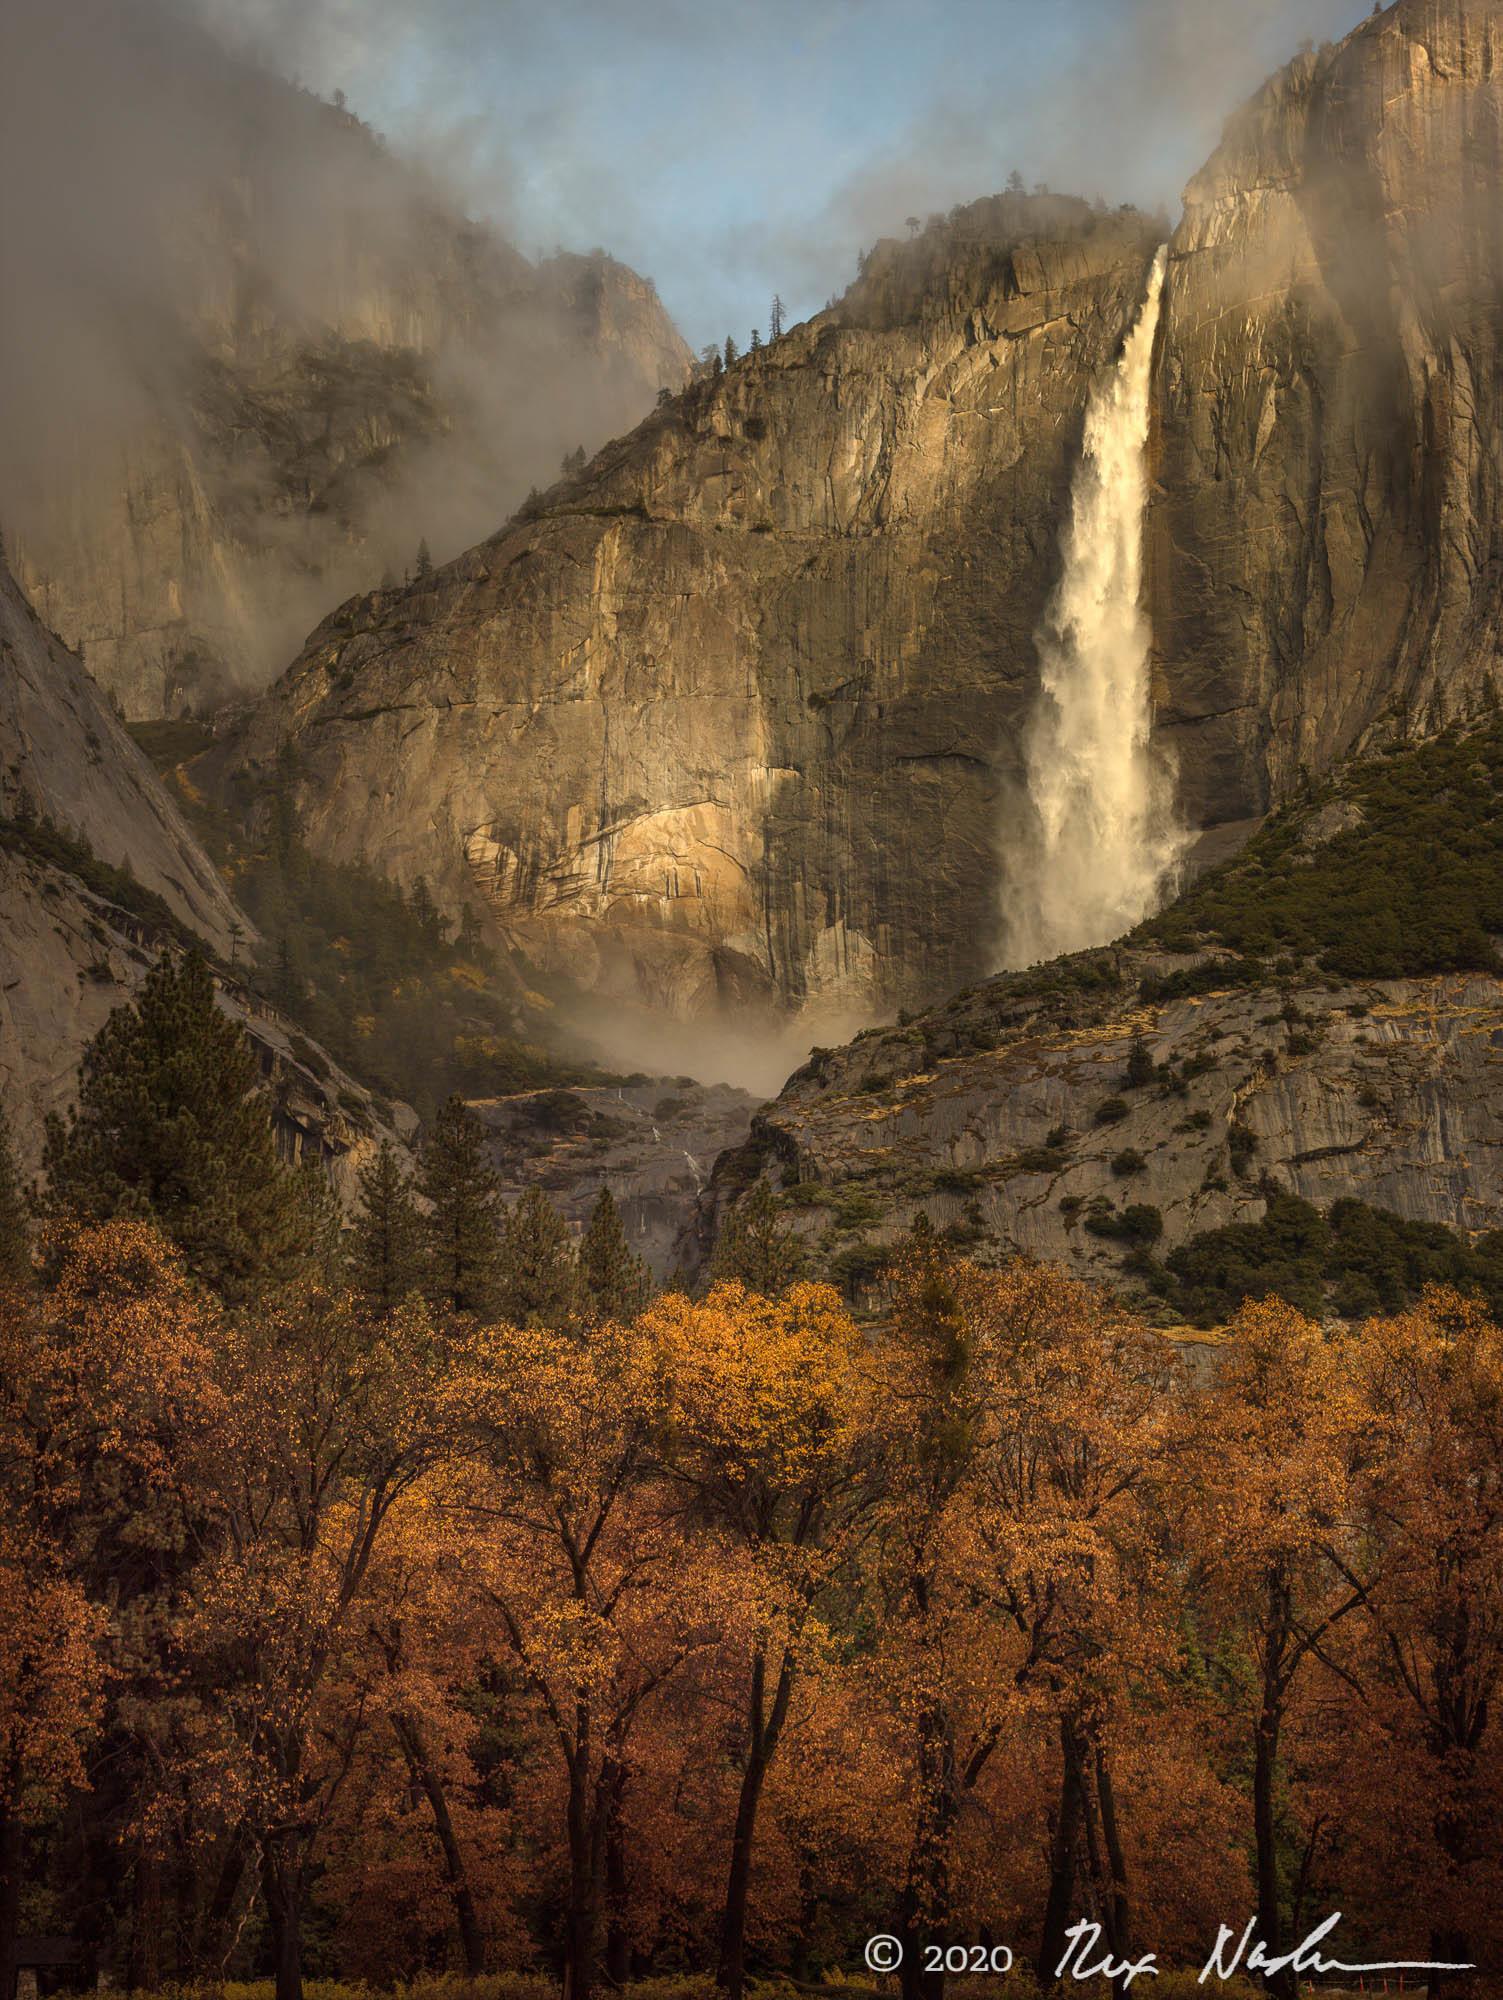 Glowing Wall - Yosemite NP